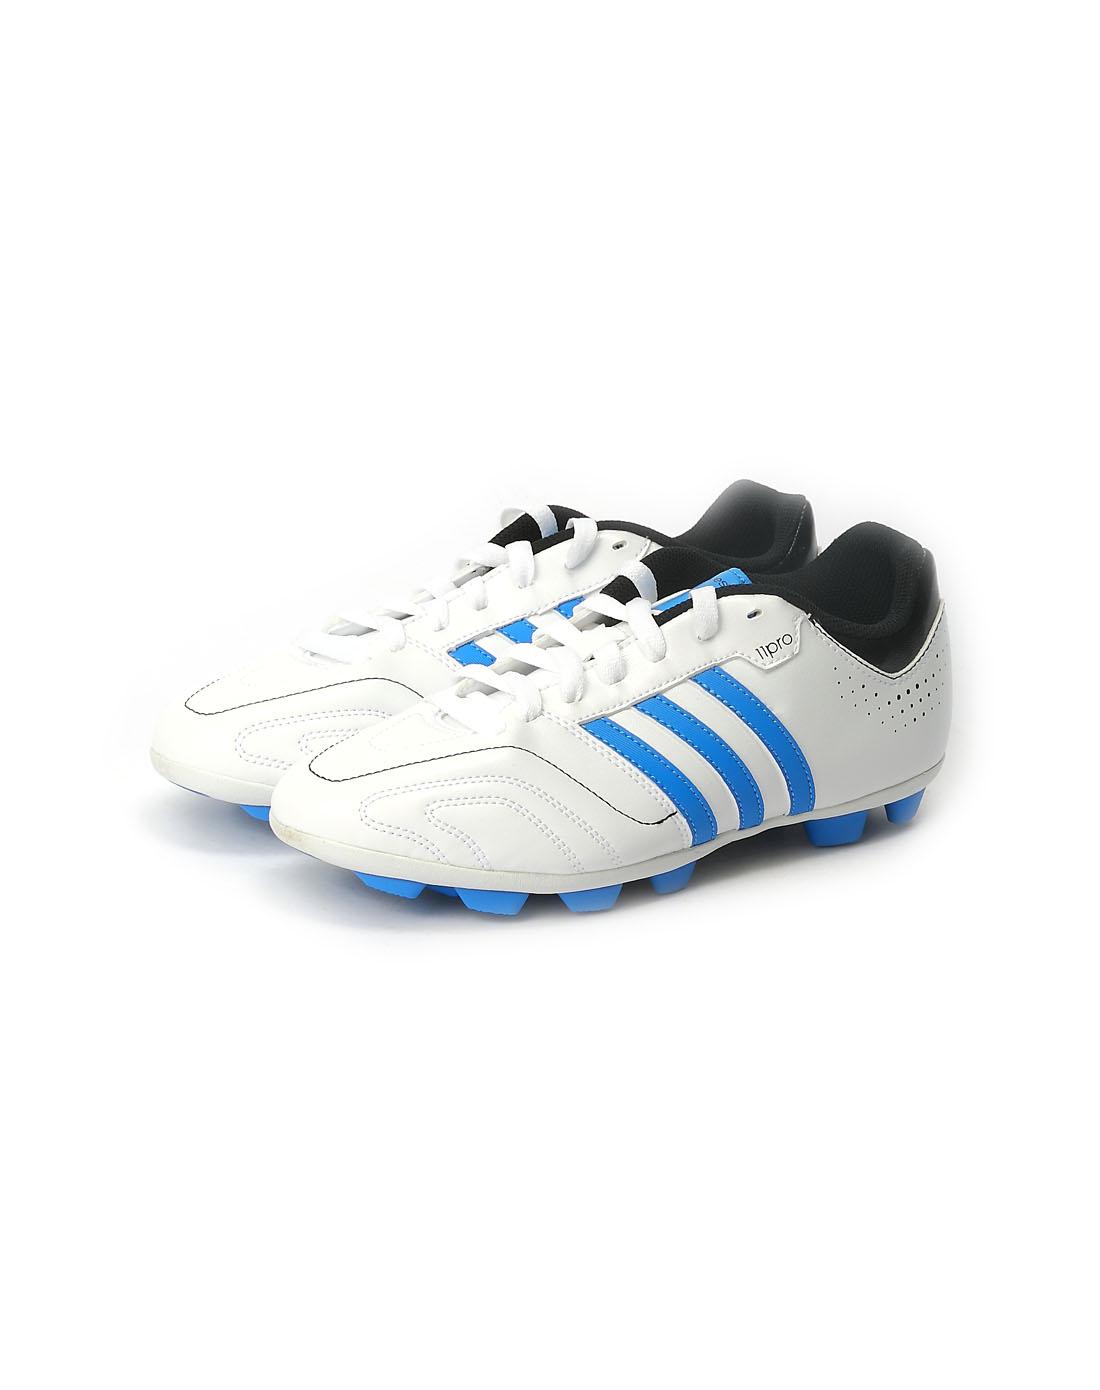 阿迪达斯adidas男子白色足球鞋g61802